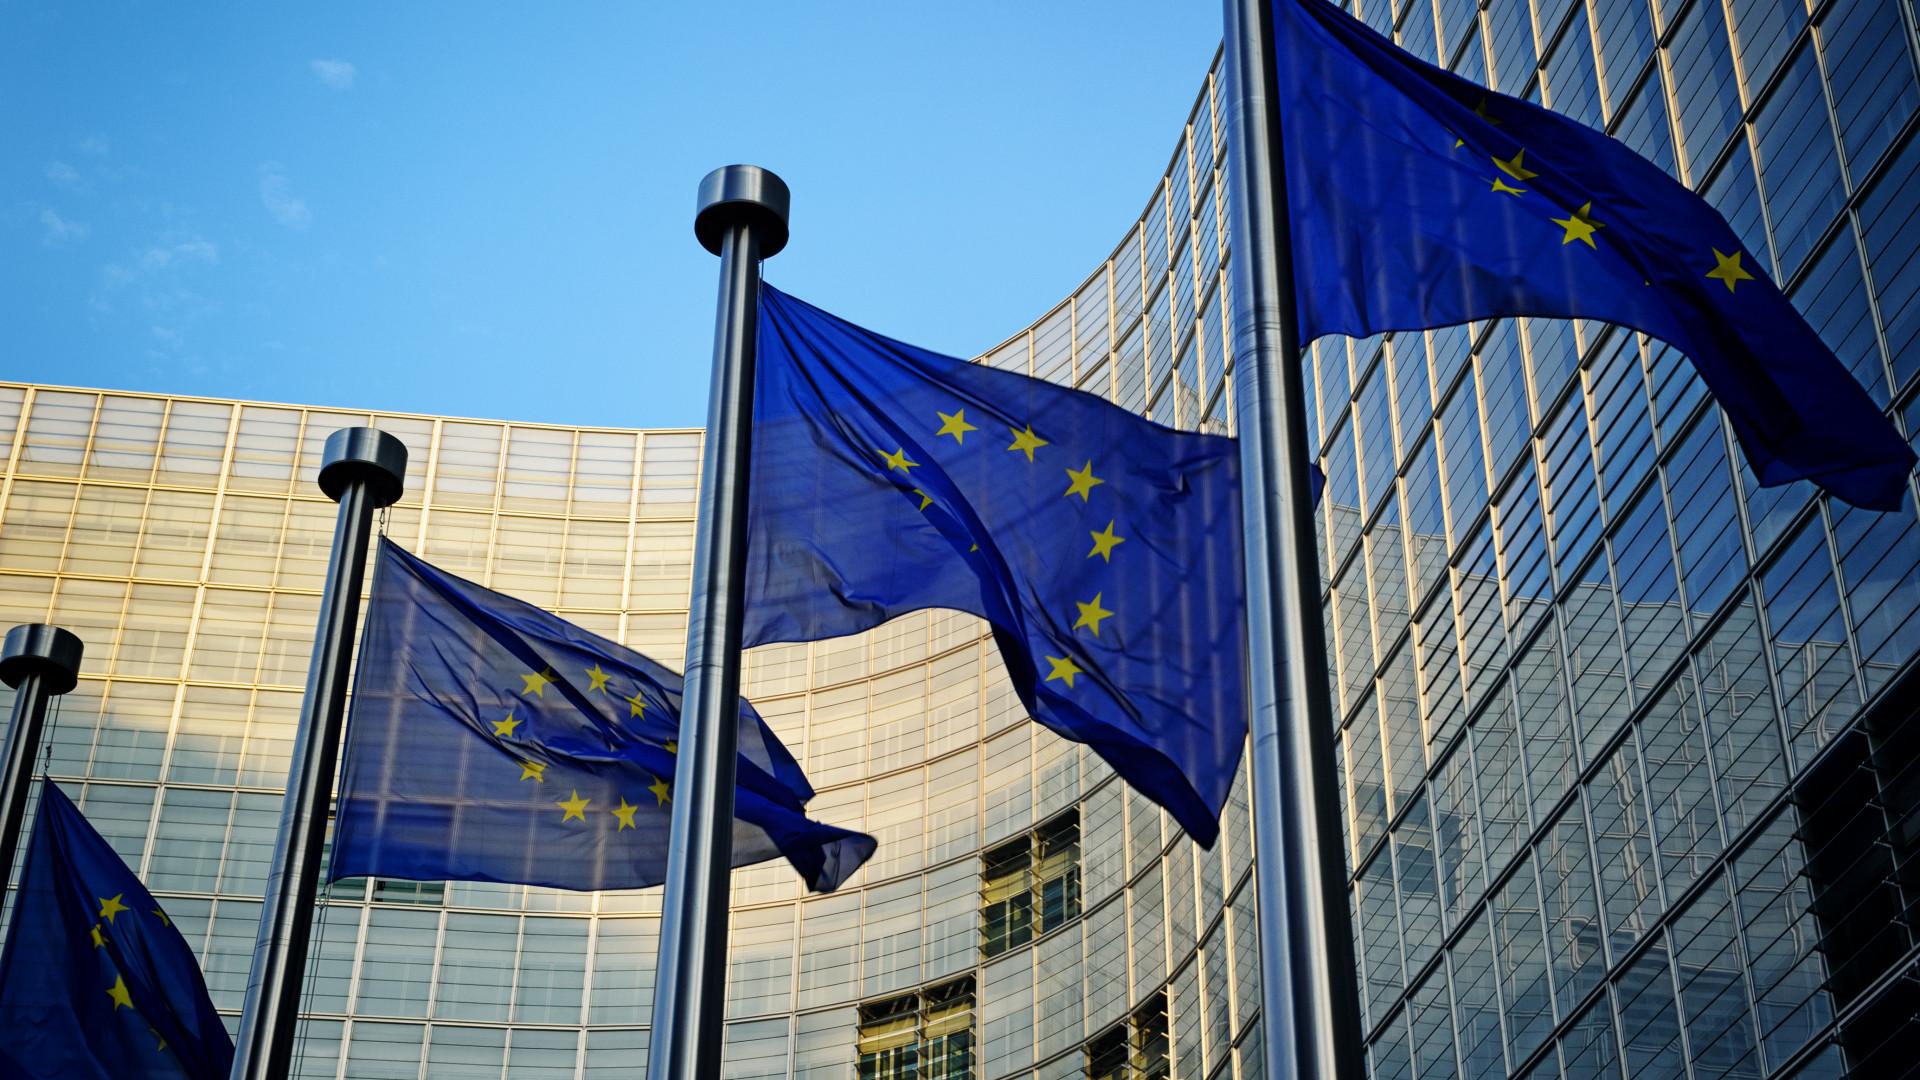 Nagyon fontos javaslattal állt elő Brüsszel: lazítaná az EU-ba irányuló utazási korlátozásokat